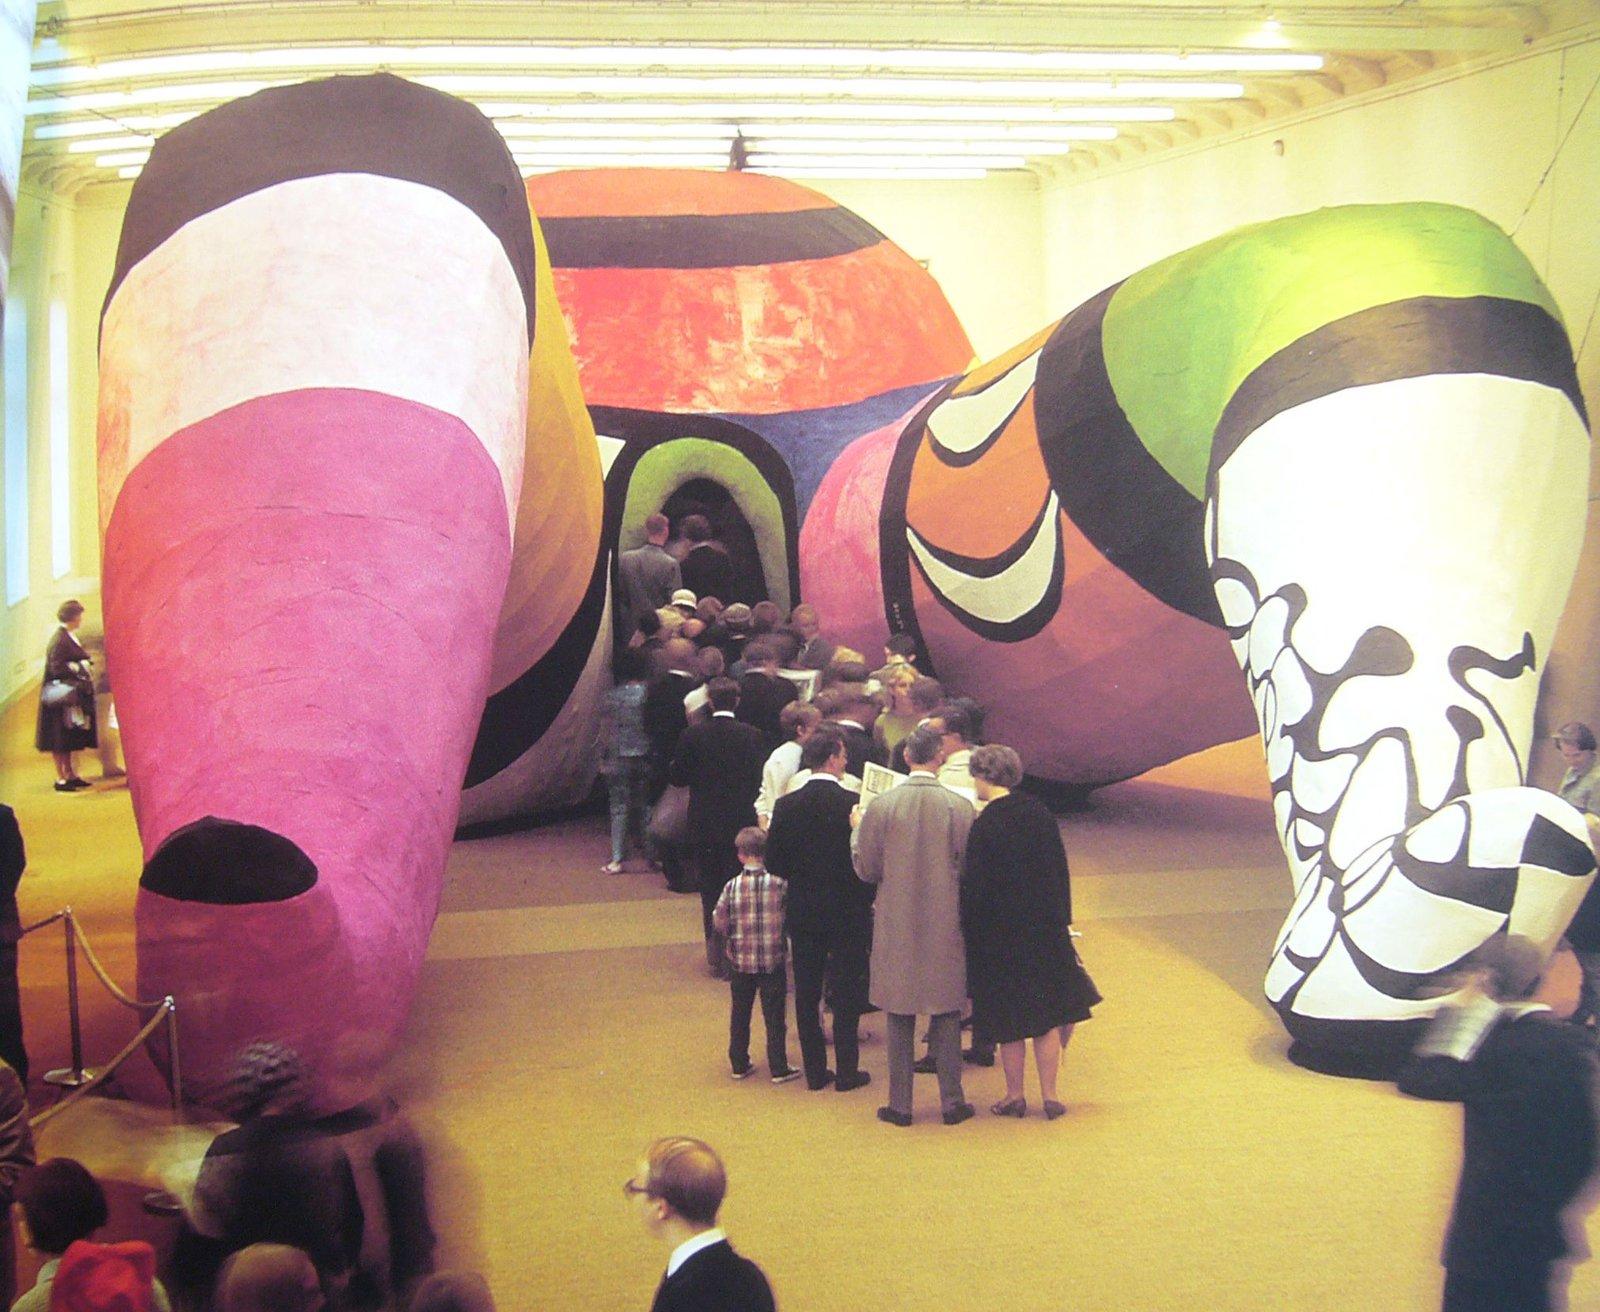 Salt: главное здесь, остальное по вкусу - Ники деСен-Фалль «Hon». 1966. Courtesy photo